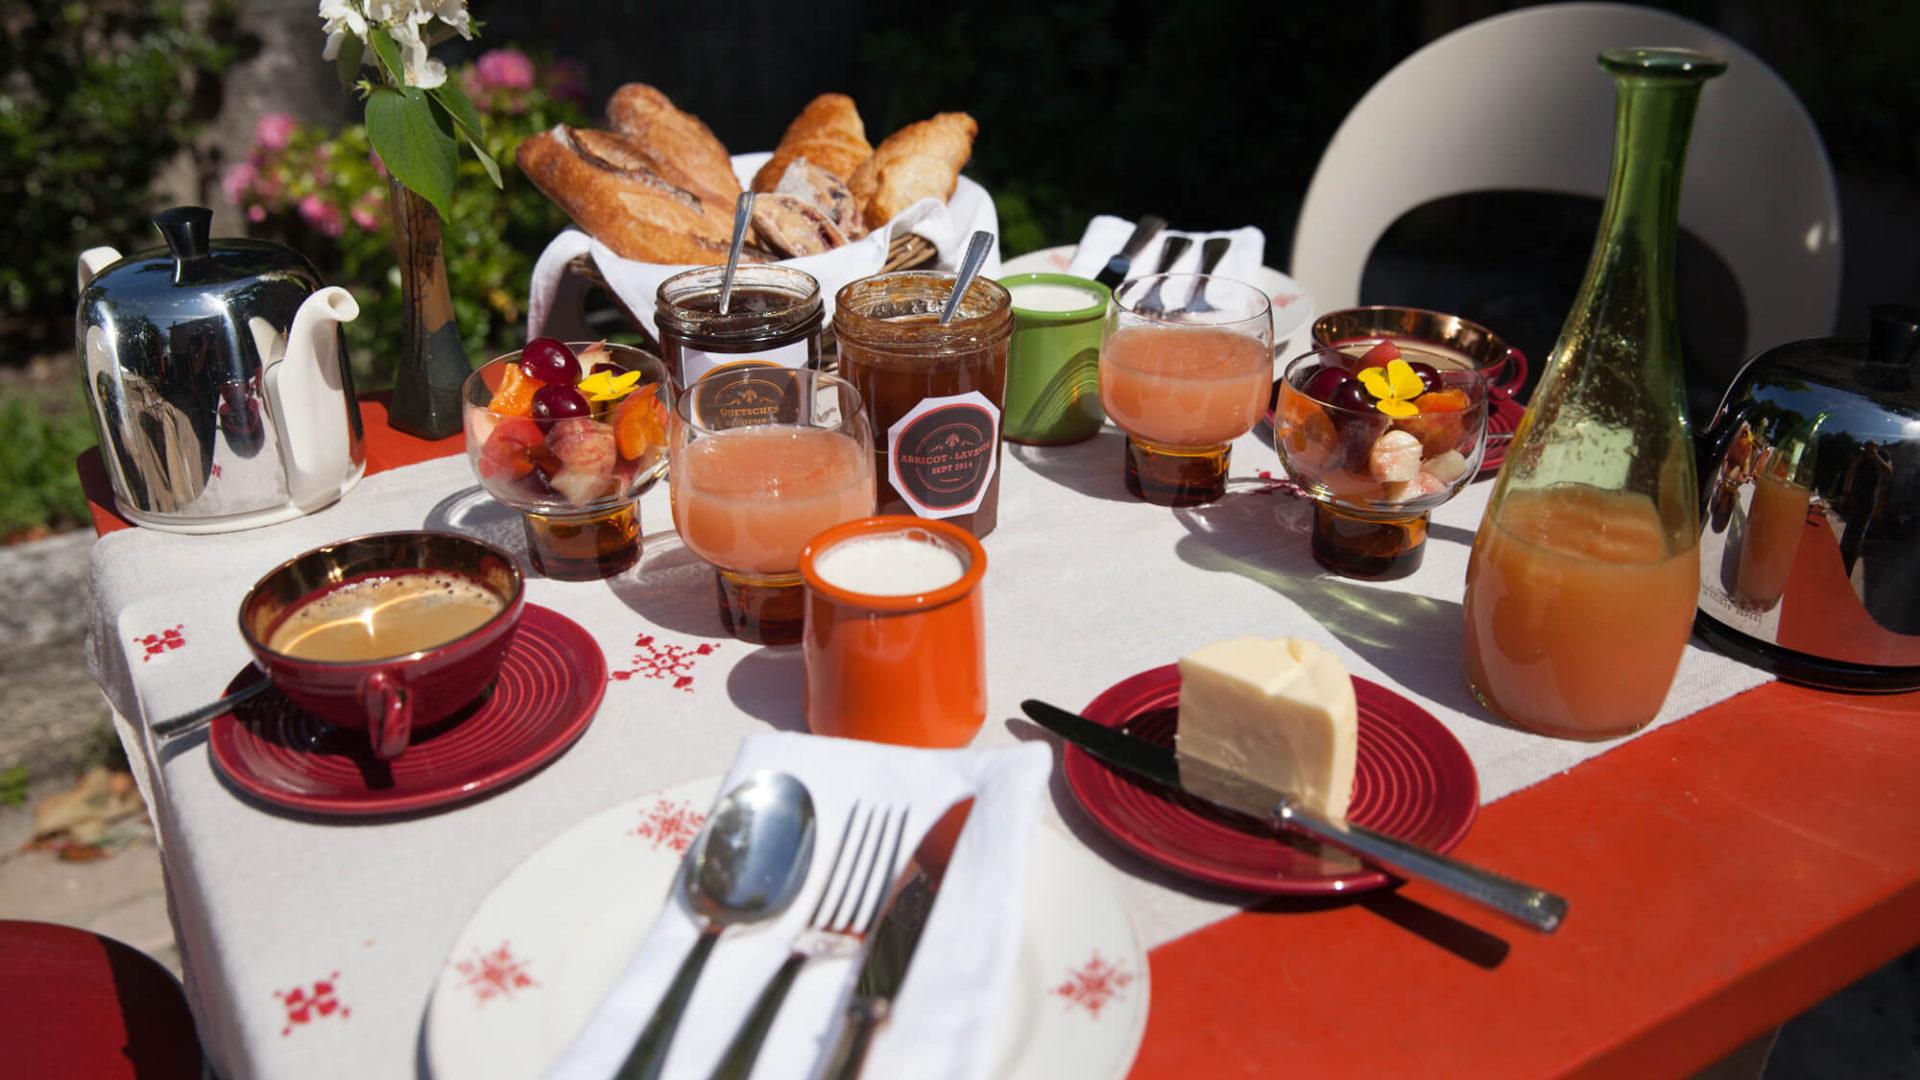 Jardin des Toiles - maison et table d'hotes